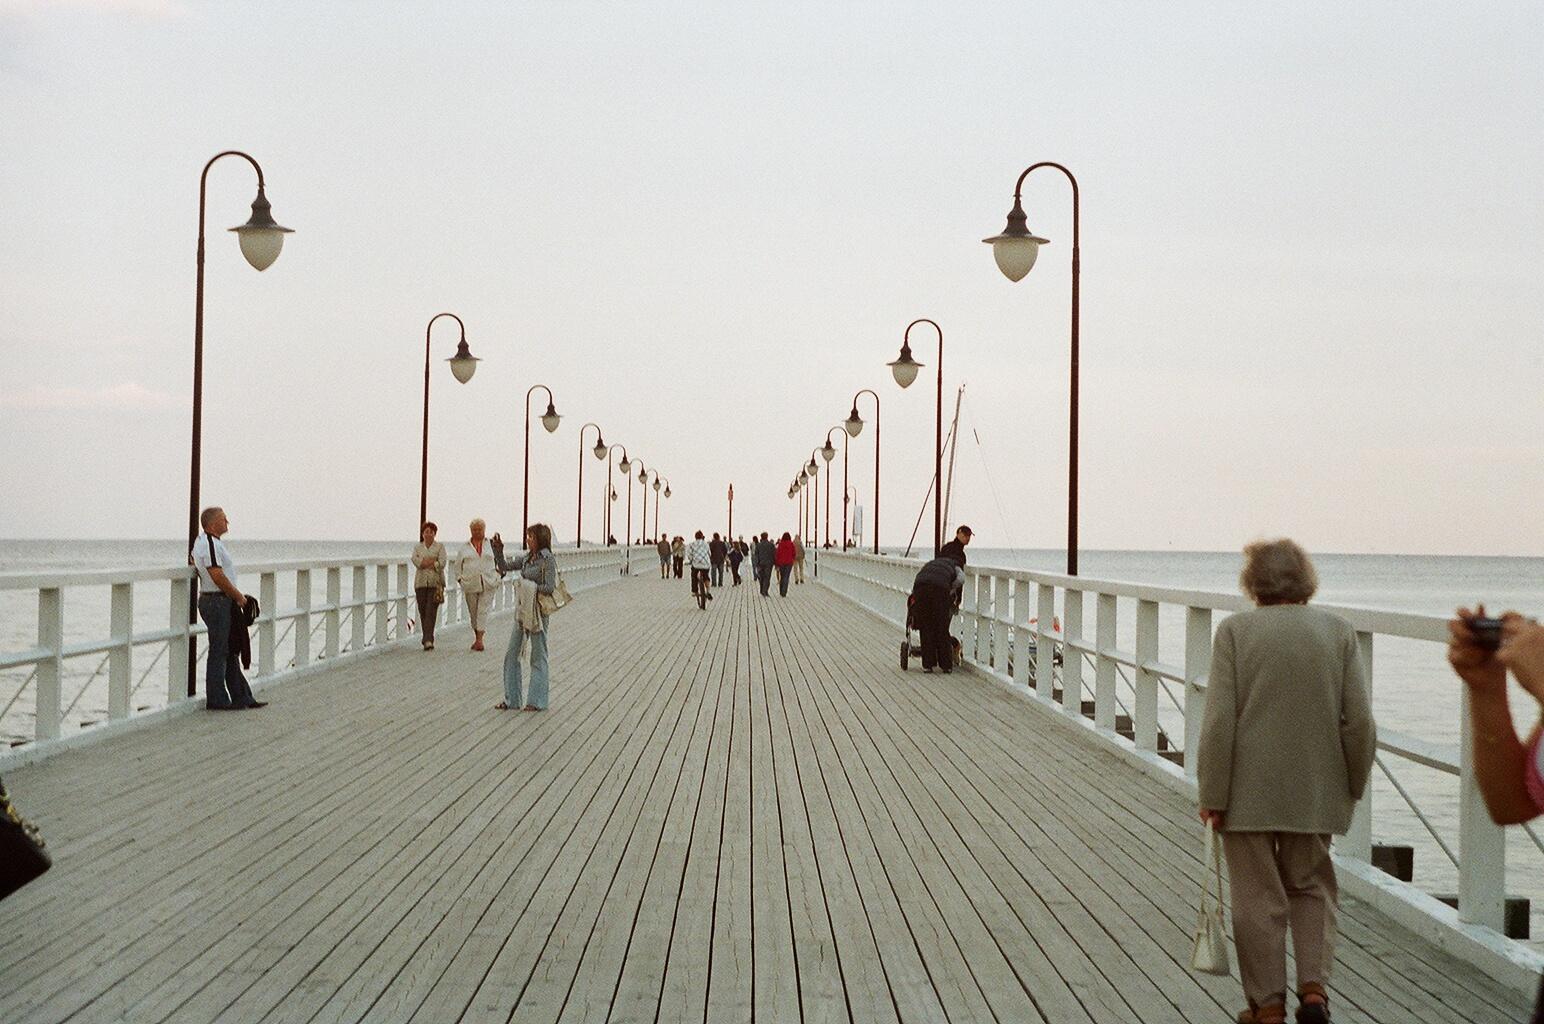 Sopor Pier